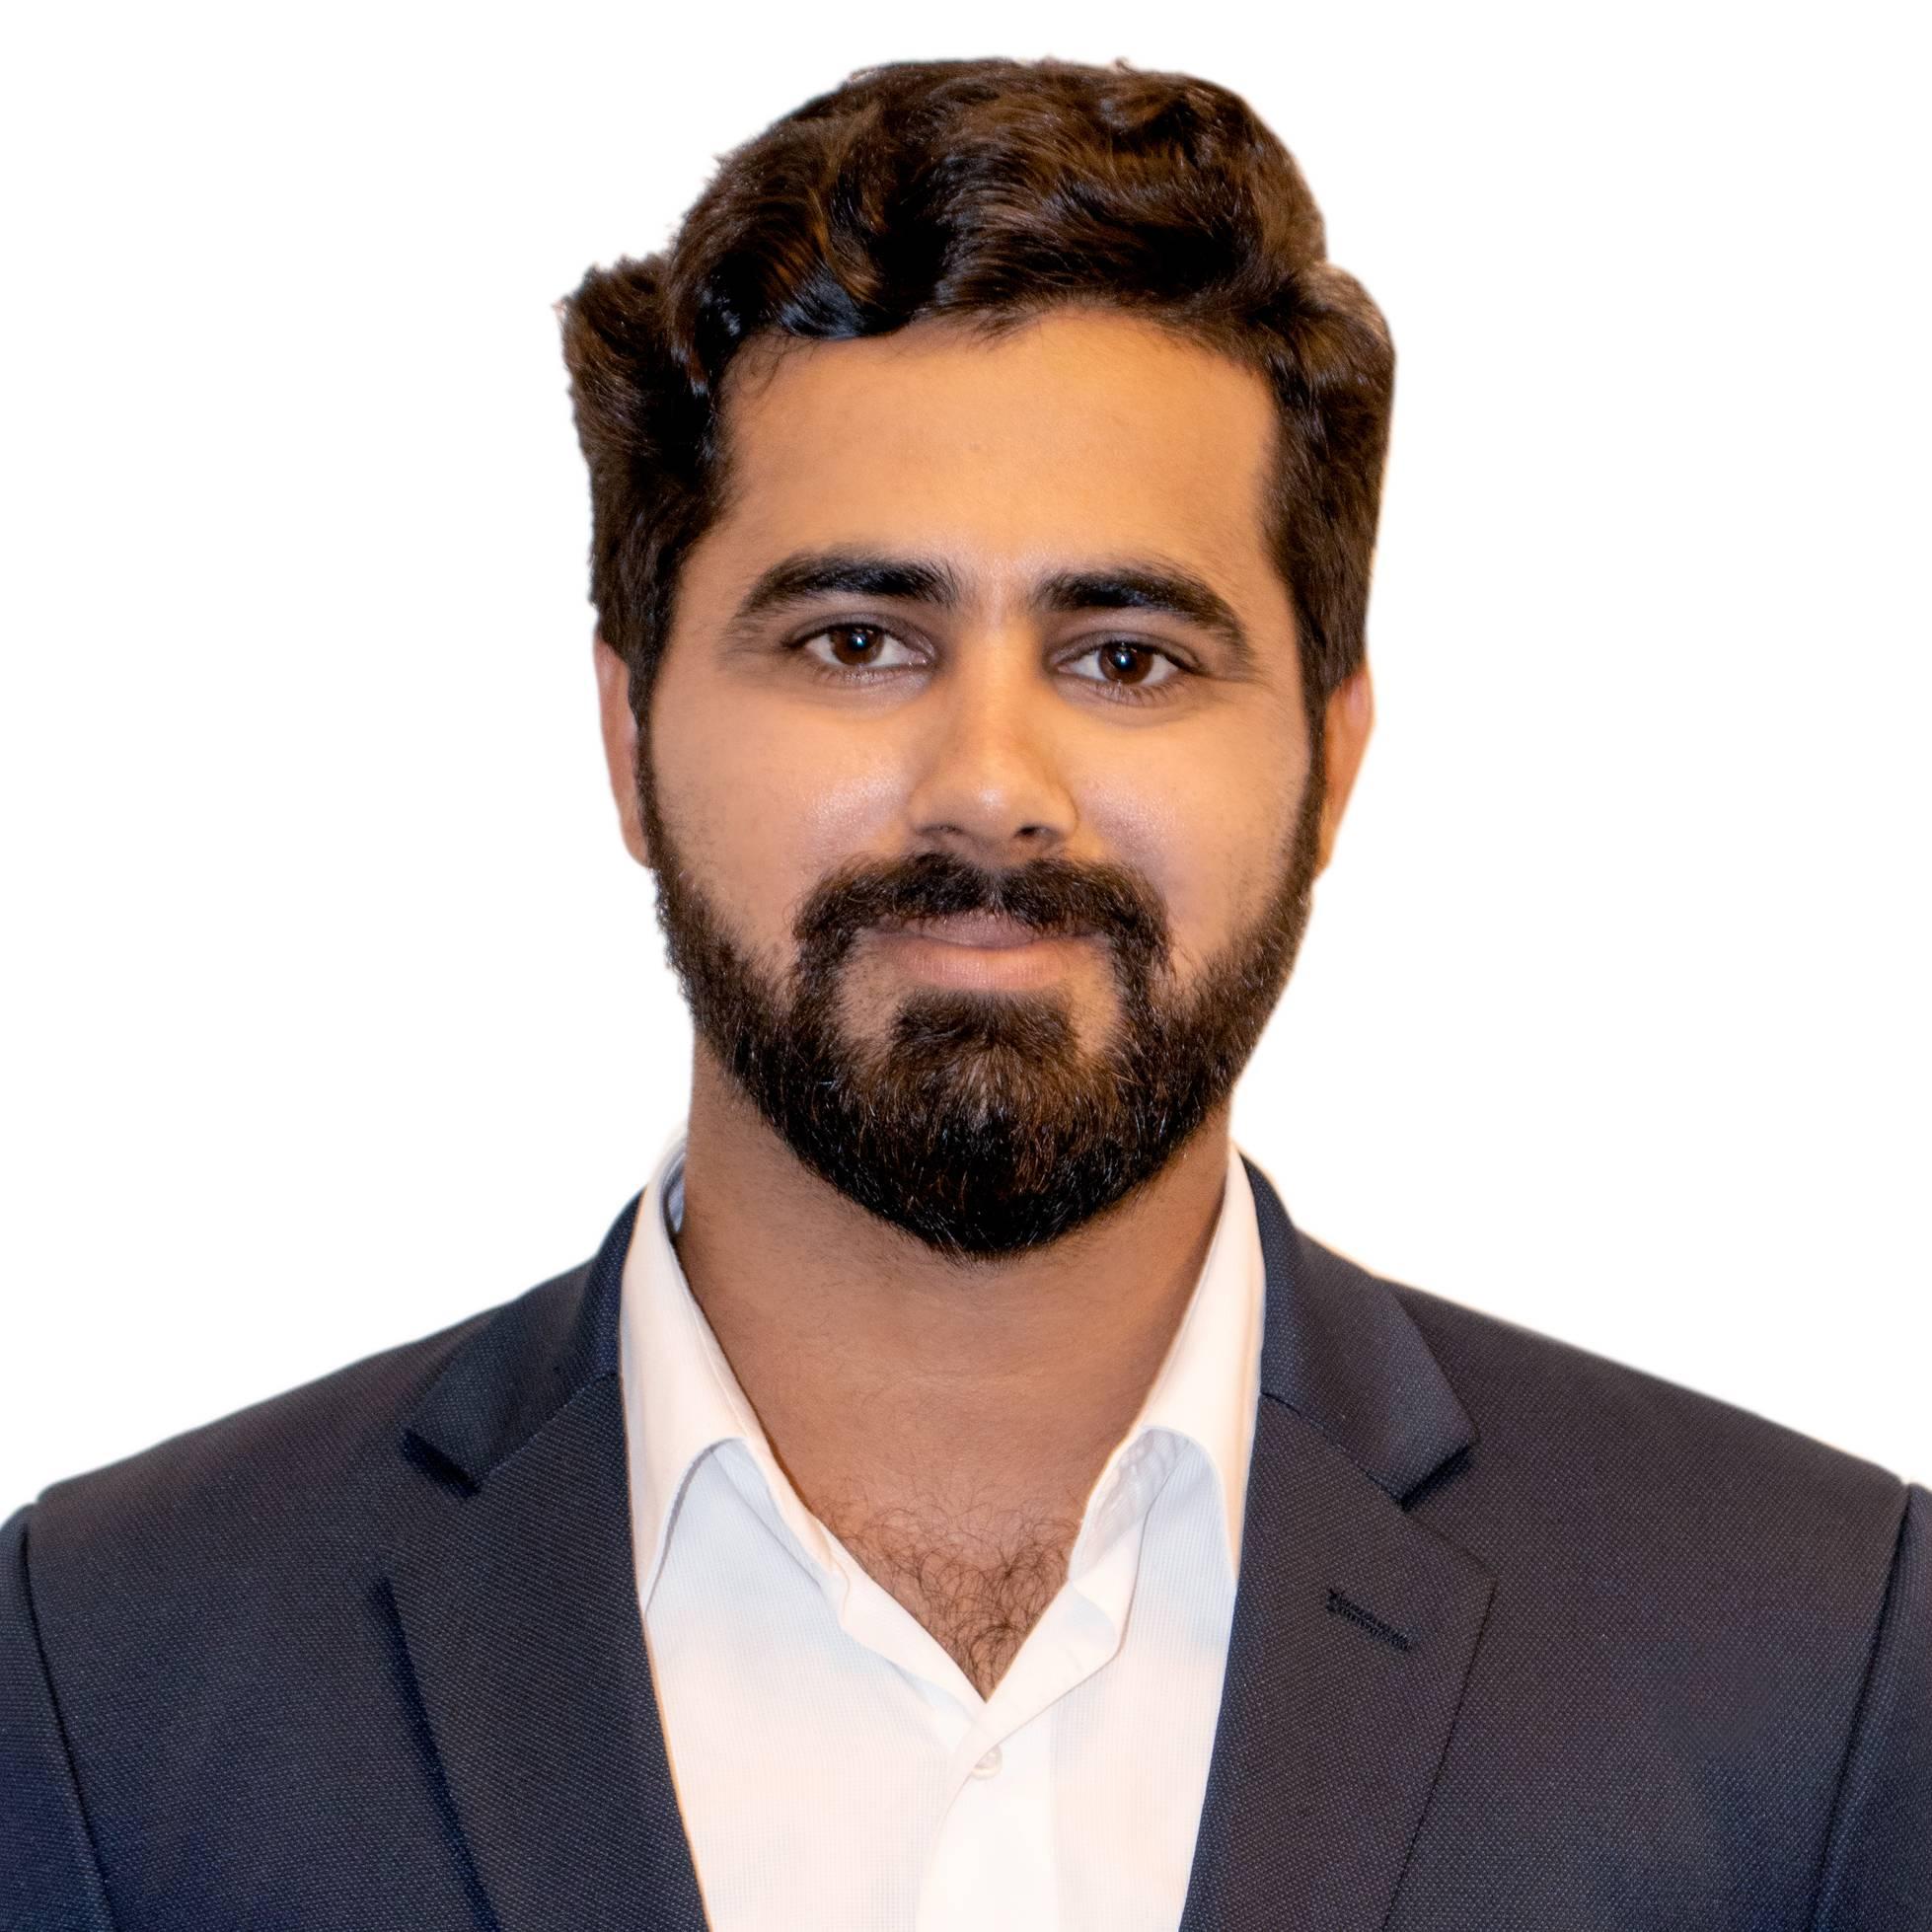 Hamad Javeed